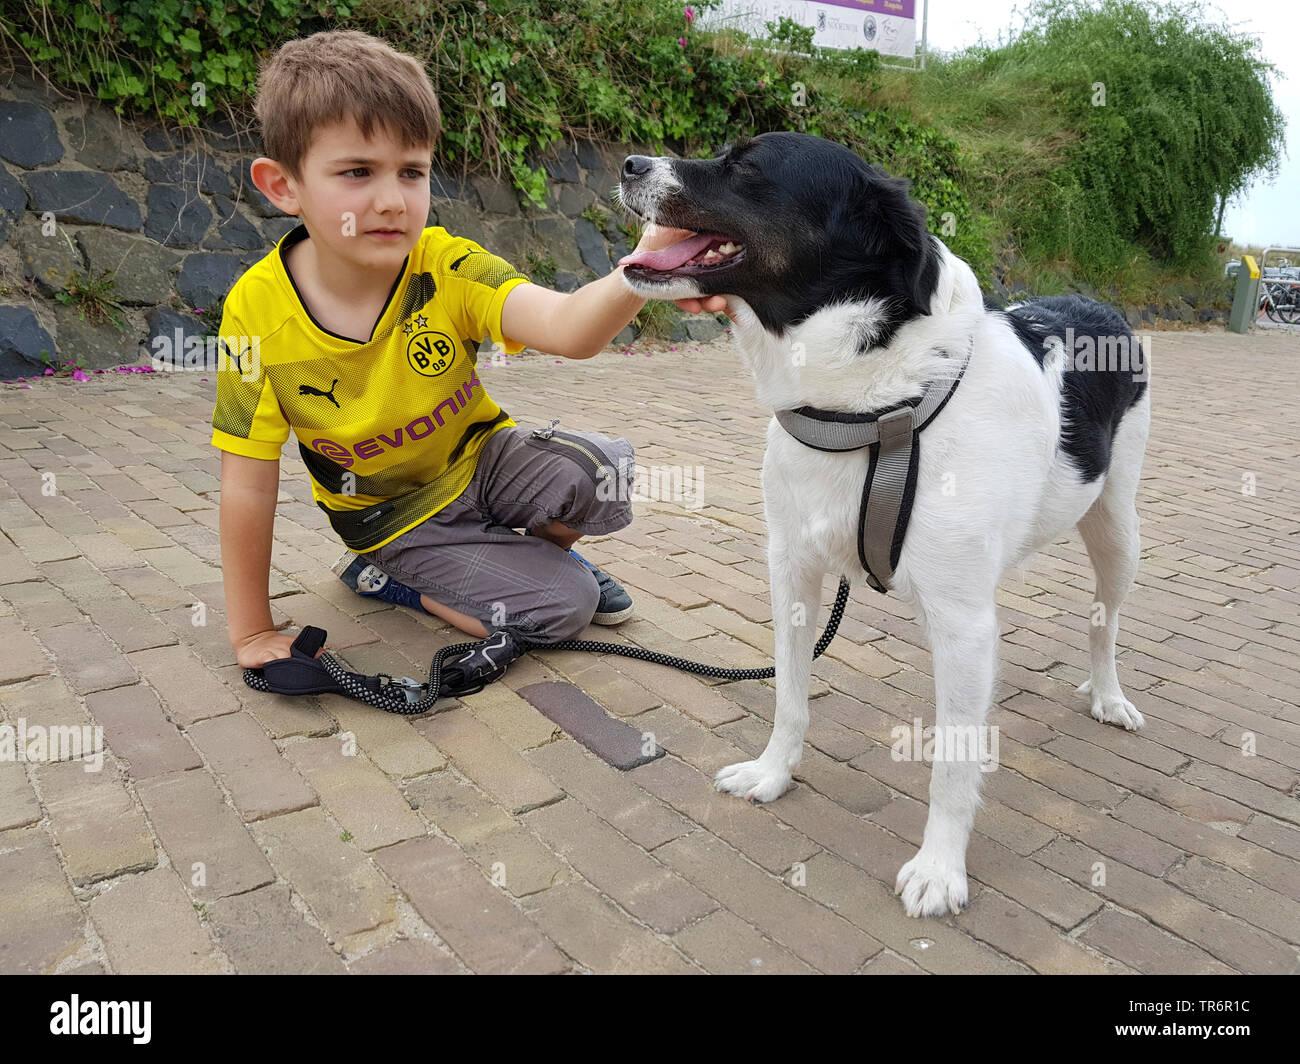 Mischlingshund (Canis lupus f. familiaris), kleiner Junge kniet auf dem Boden und streichelt einen Mischlingshund, Deutschland | mixed breed dog (Cani - Stock Image